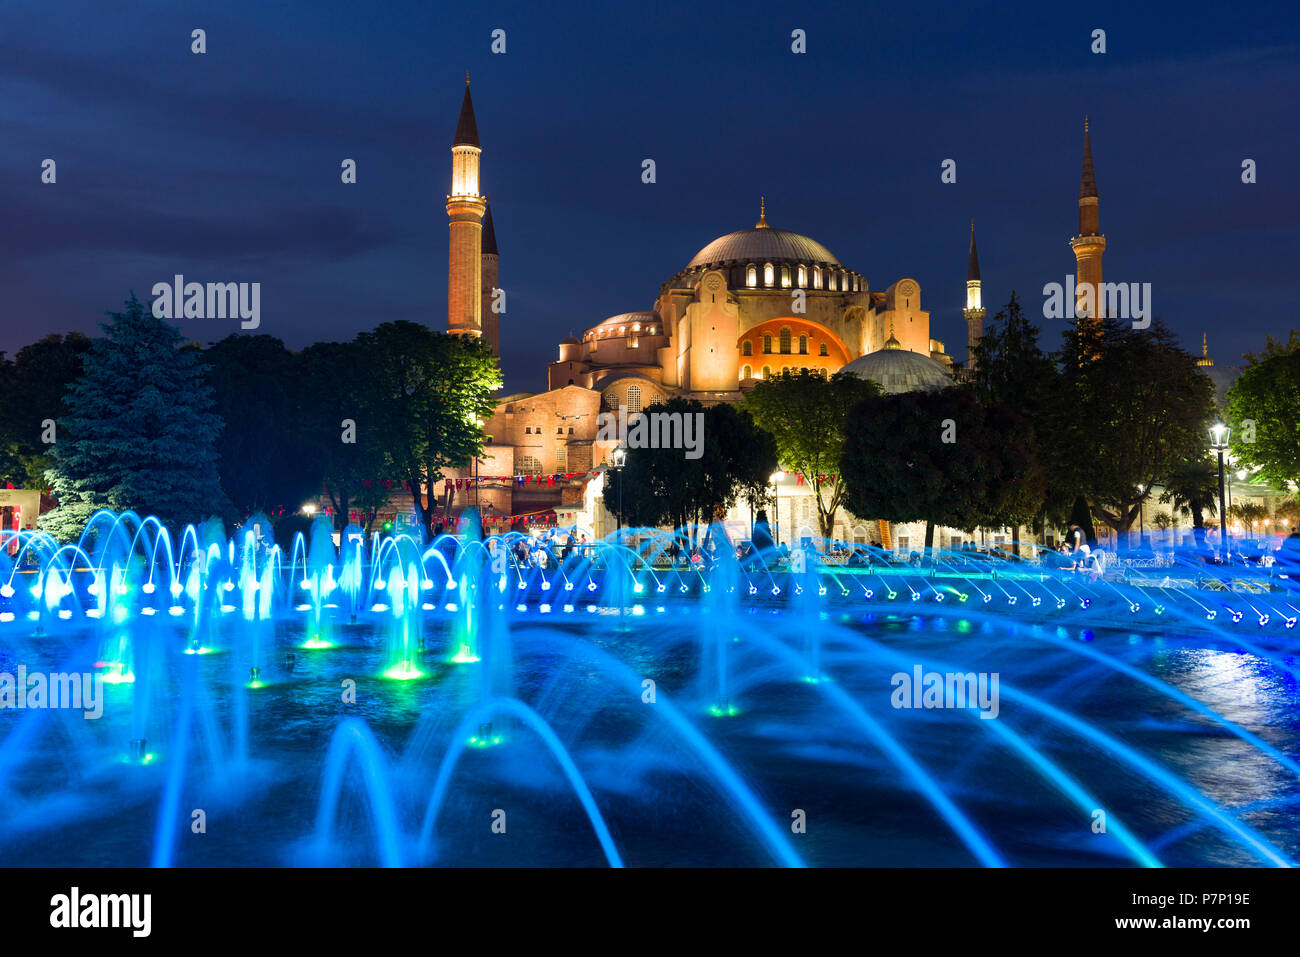 El sultán Ahmad Maydan fuente de agua iluminada con el el museo Hagia Sophia en segundo plano al anochecer, Estambul, Turquía Imagen De Stock